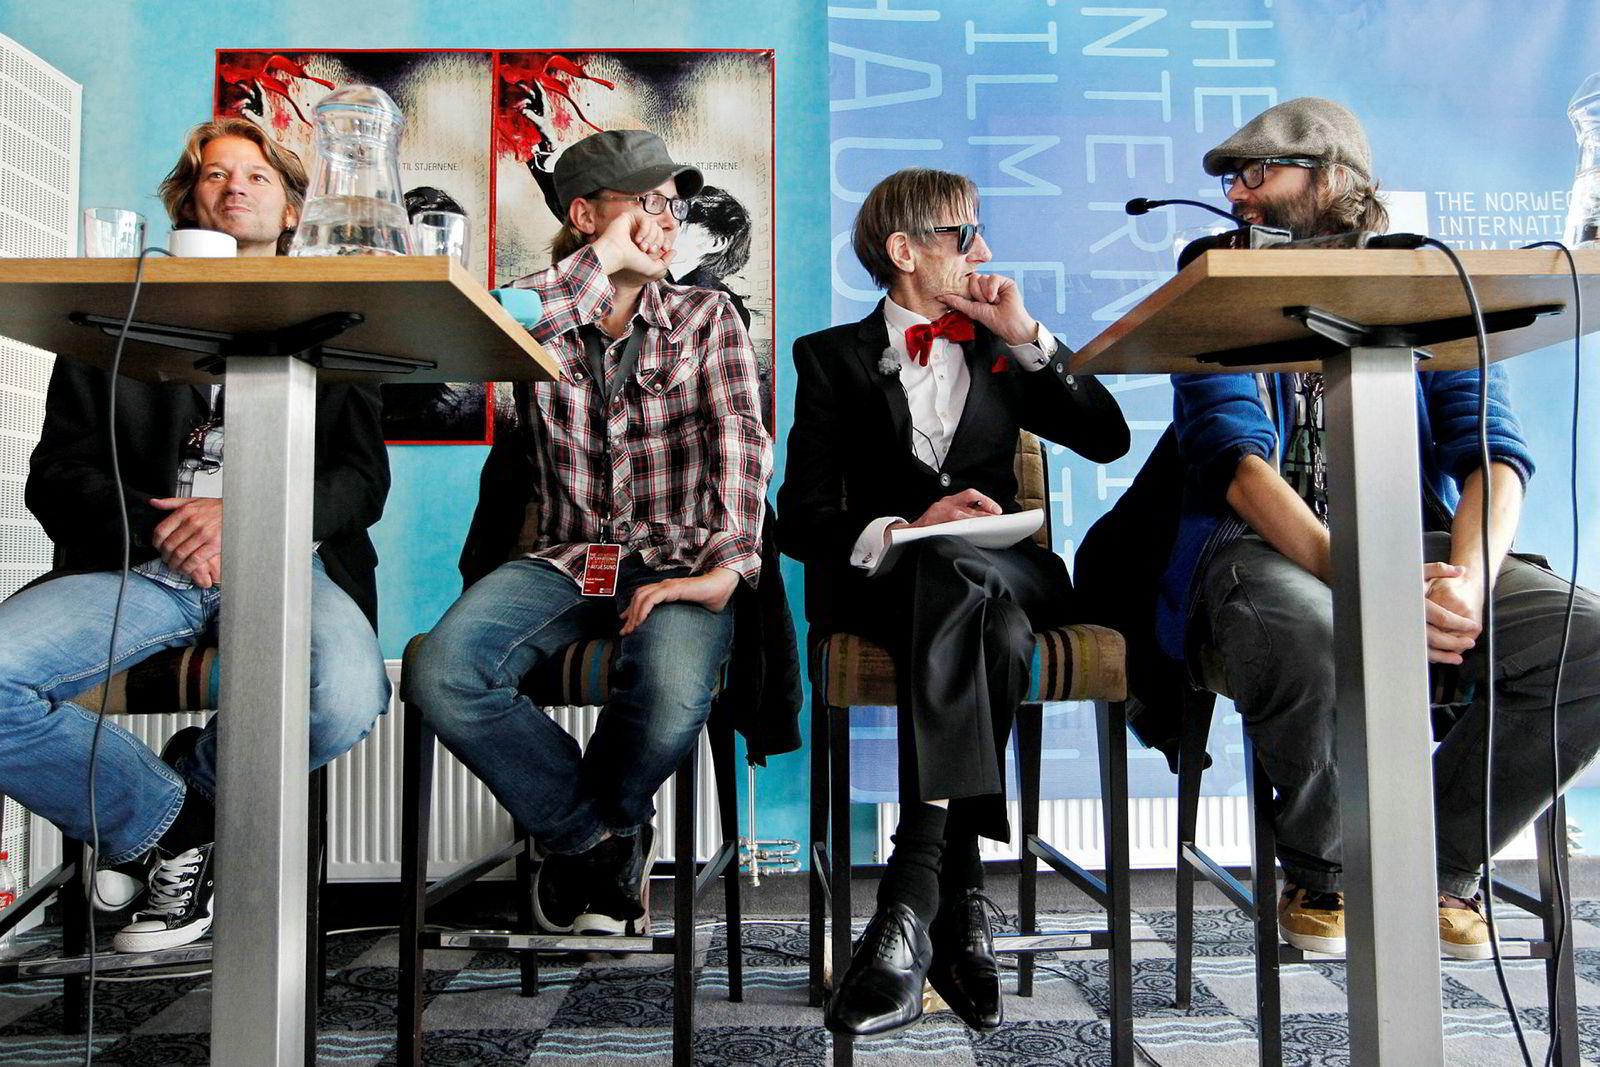 Produsent Carsten Aanonsen, co-regissør August B. Hanssen, Terje «Pushwagner» Brofos og regissør Even Benestad under en pressekonferanse i Haugesund forbindelse med dokumentarfilmen «Pushwagner».